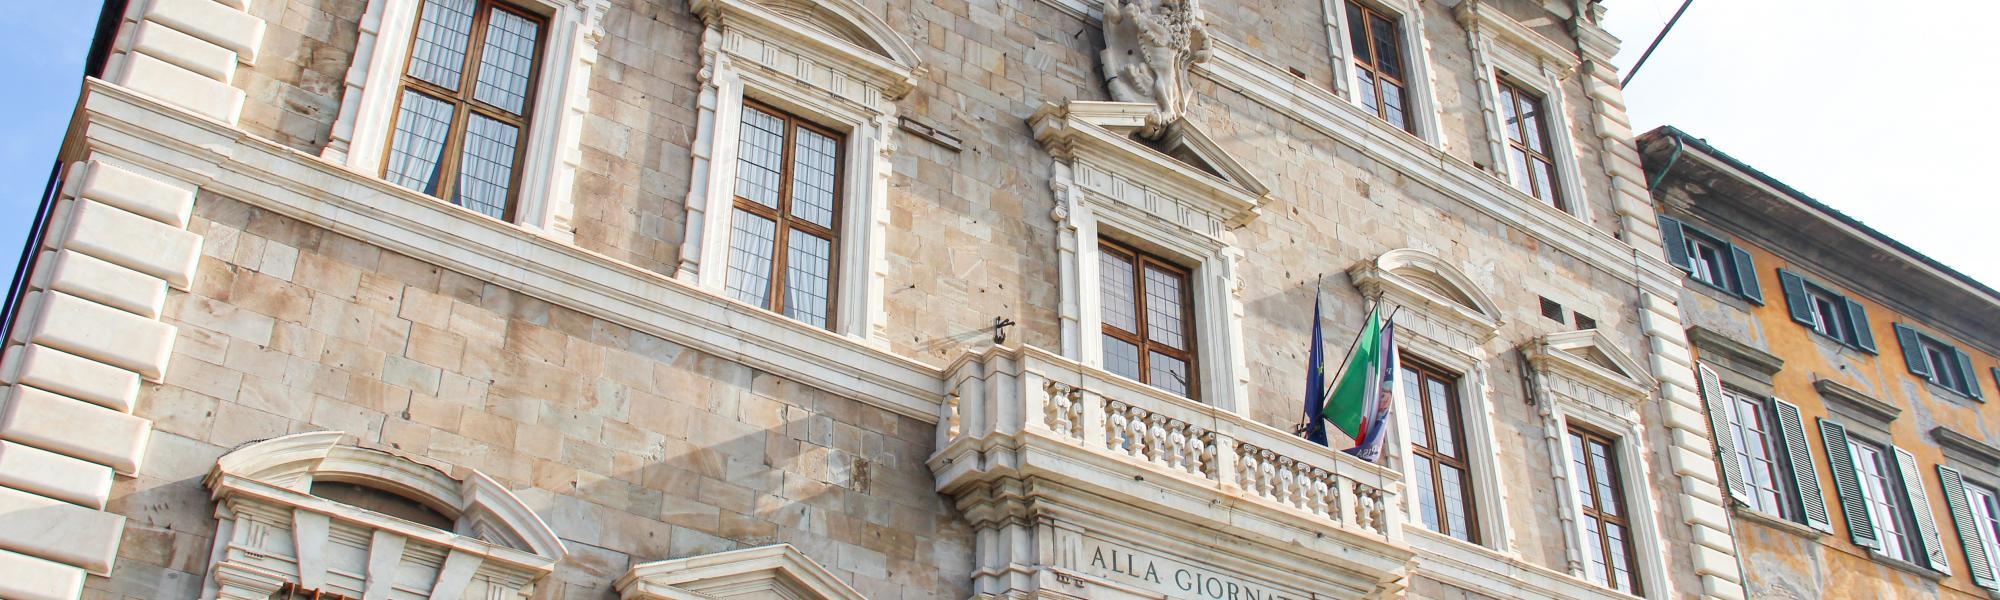 Scorcio facciata - Palazzo Lanfreducci detto 'Alla Giornata'